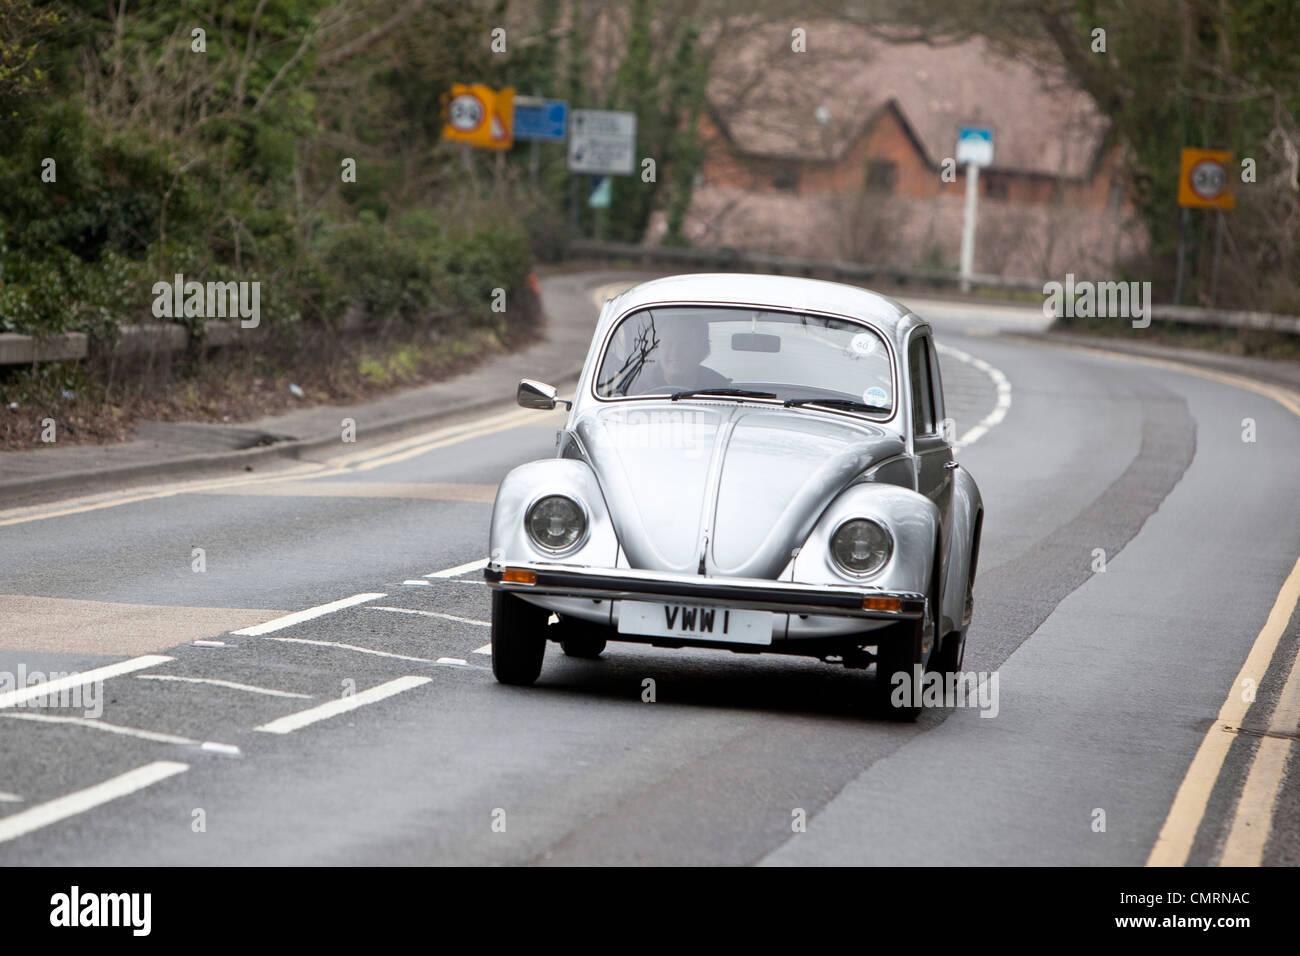 Volkswagen Beetle type 1 - Stock Image